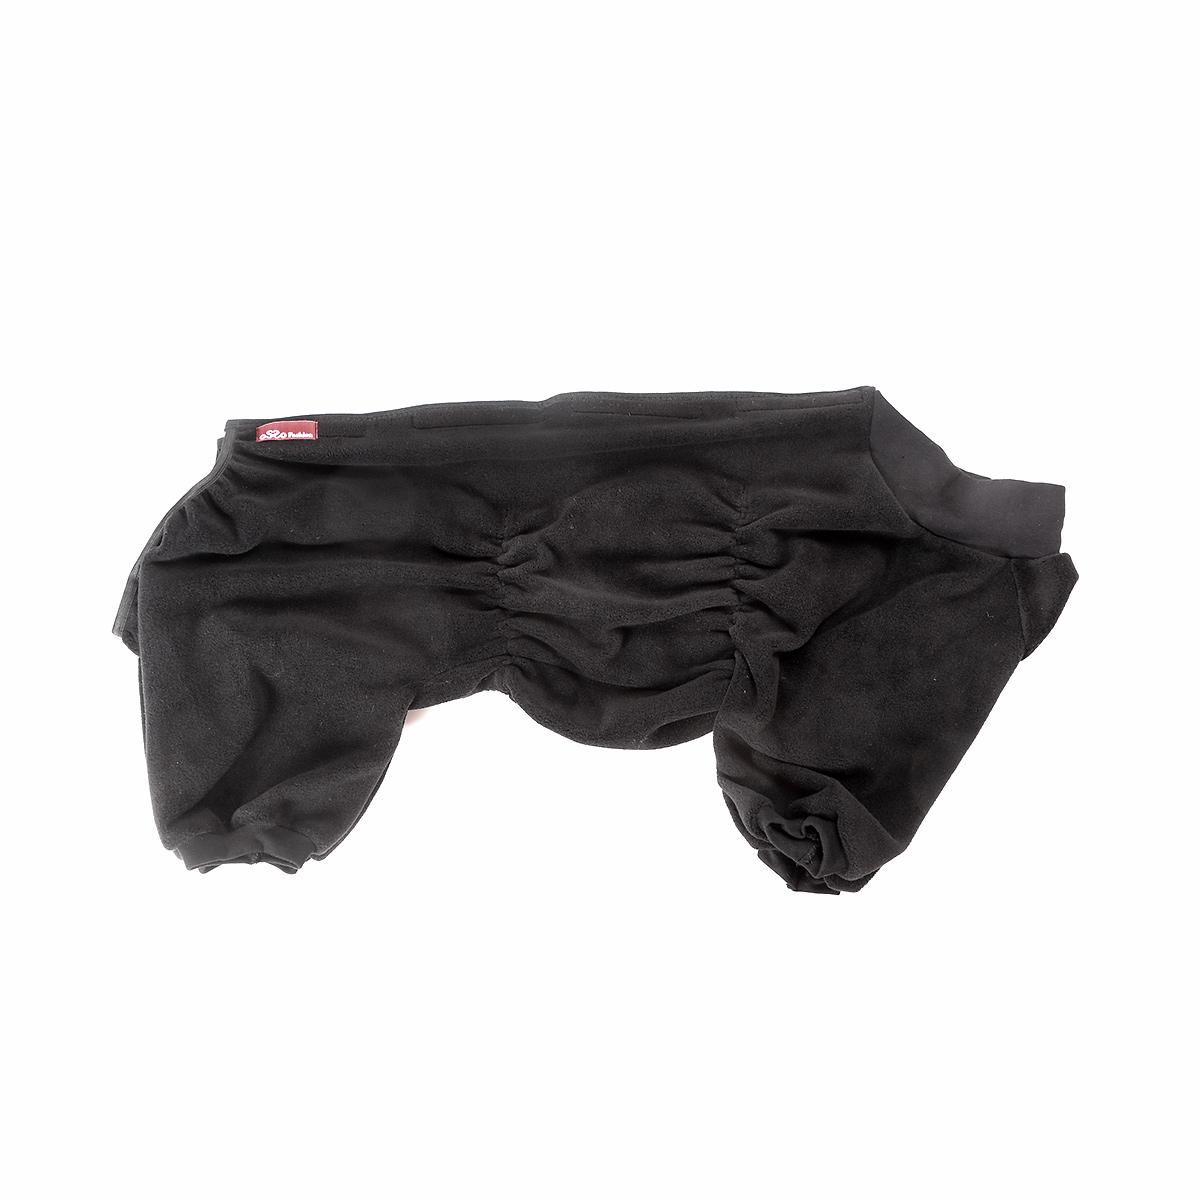 Комбинезон для собак OSSO Fashion, для мальчика, цвет: графит. Размер 65Кф-1024Комбинезон для собак OSSO Fashion выполнен из флиса. Комфортная посадка по корпусу достигается за счет резинок-утяжек под грудью и животом. На воротнике имеются завязки, для дополнительной фиксации. Можно носить самостоятельно и как поддевку под комбинезон для собак. Изделие отлично стирается, быстро сохнет.Длина спинки: 65 см.Объем груди: 74-102 см.